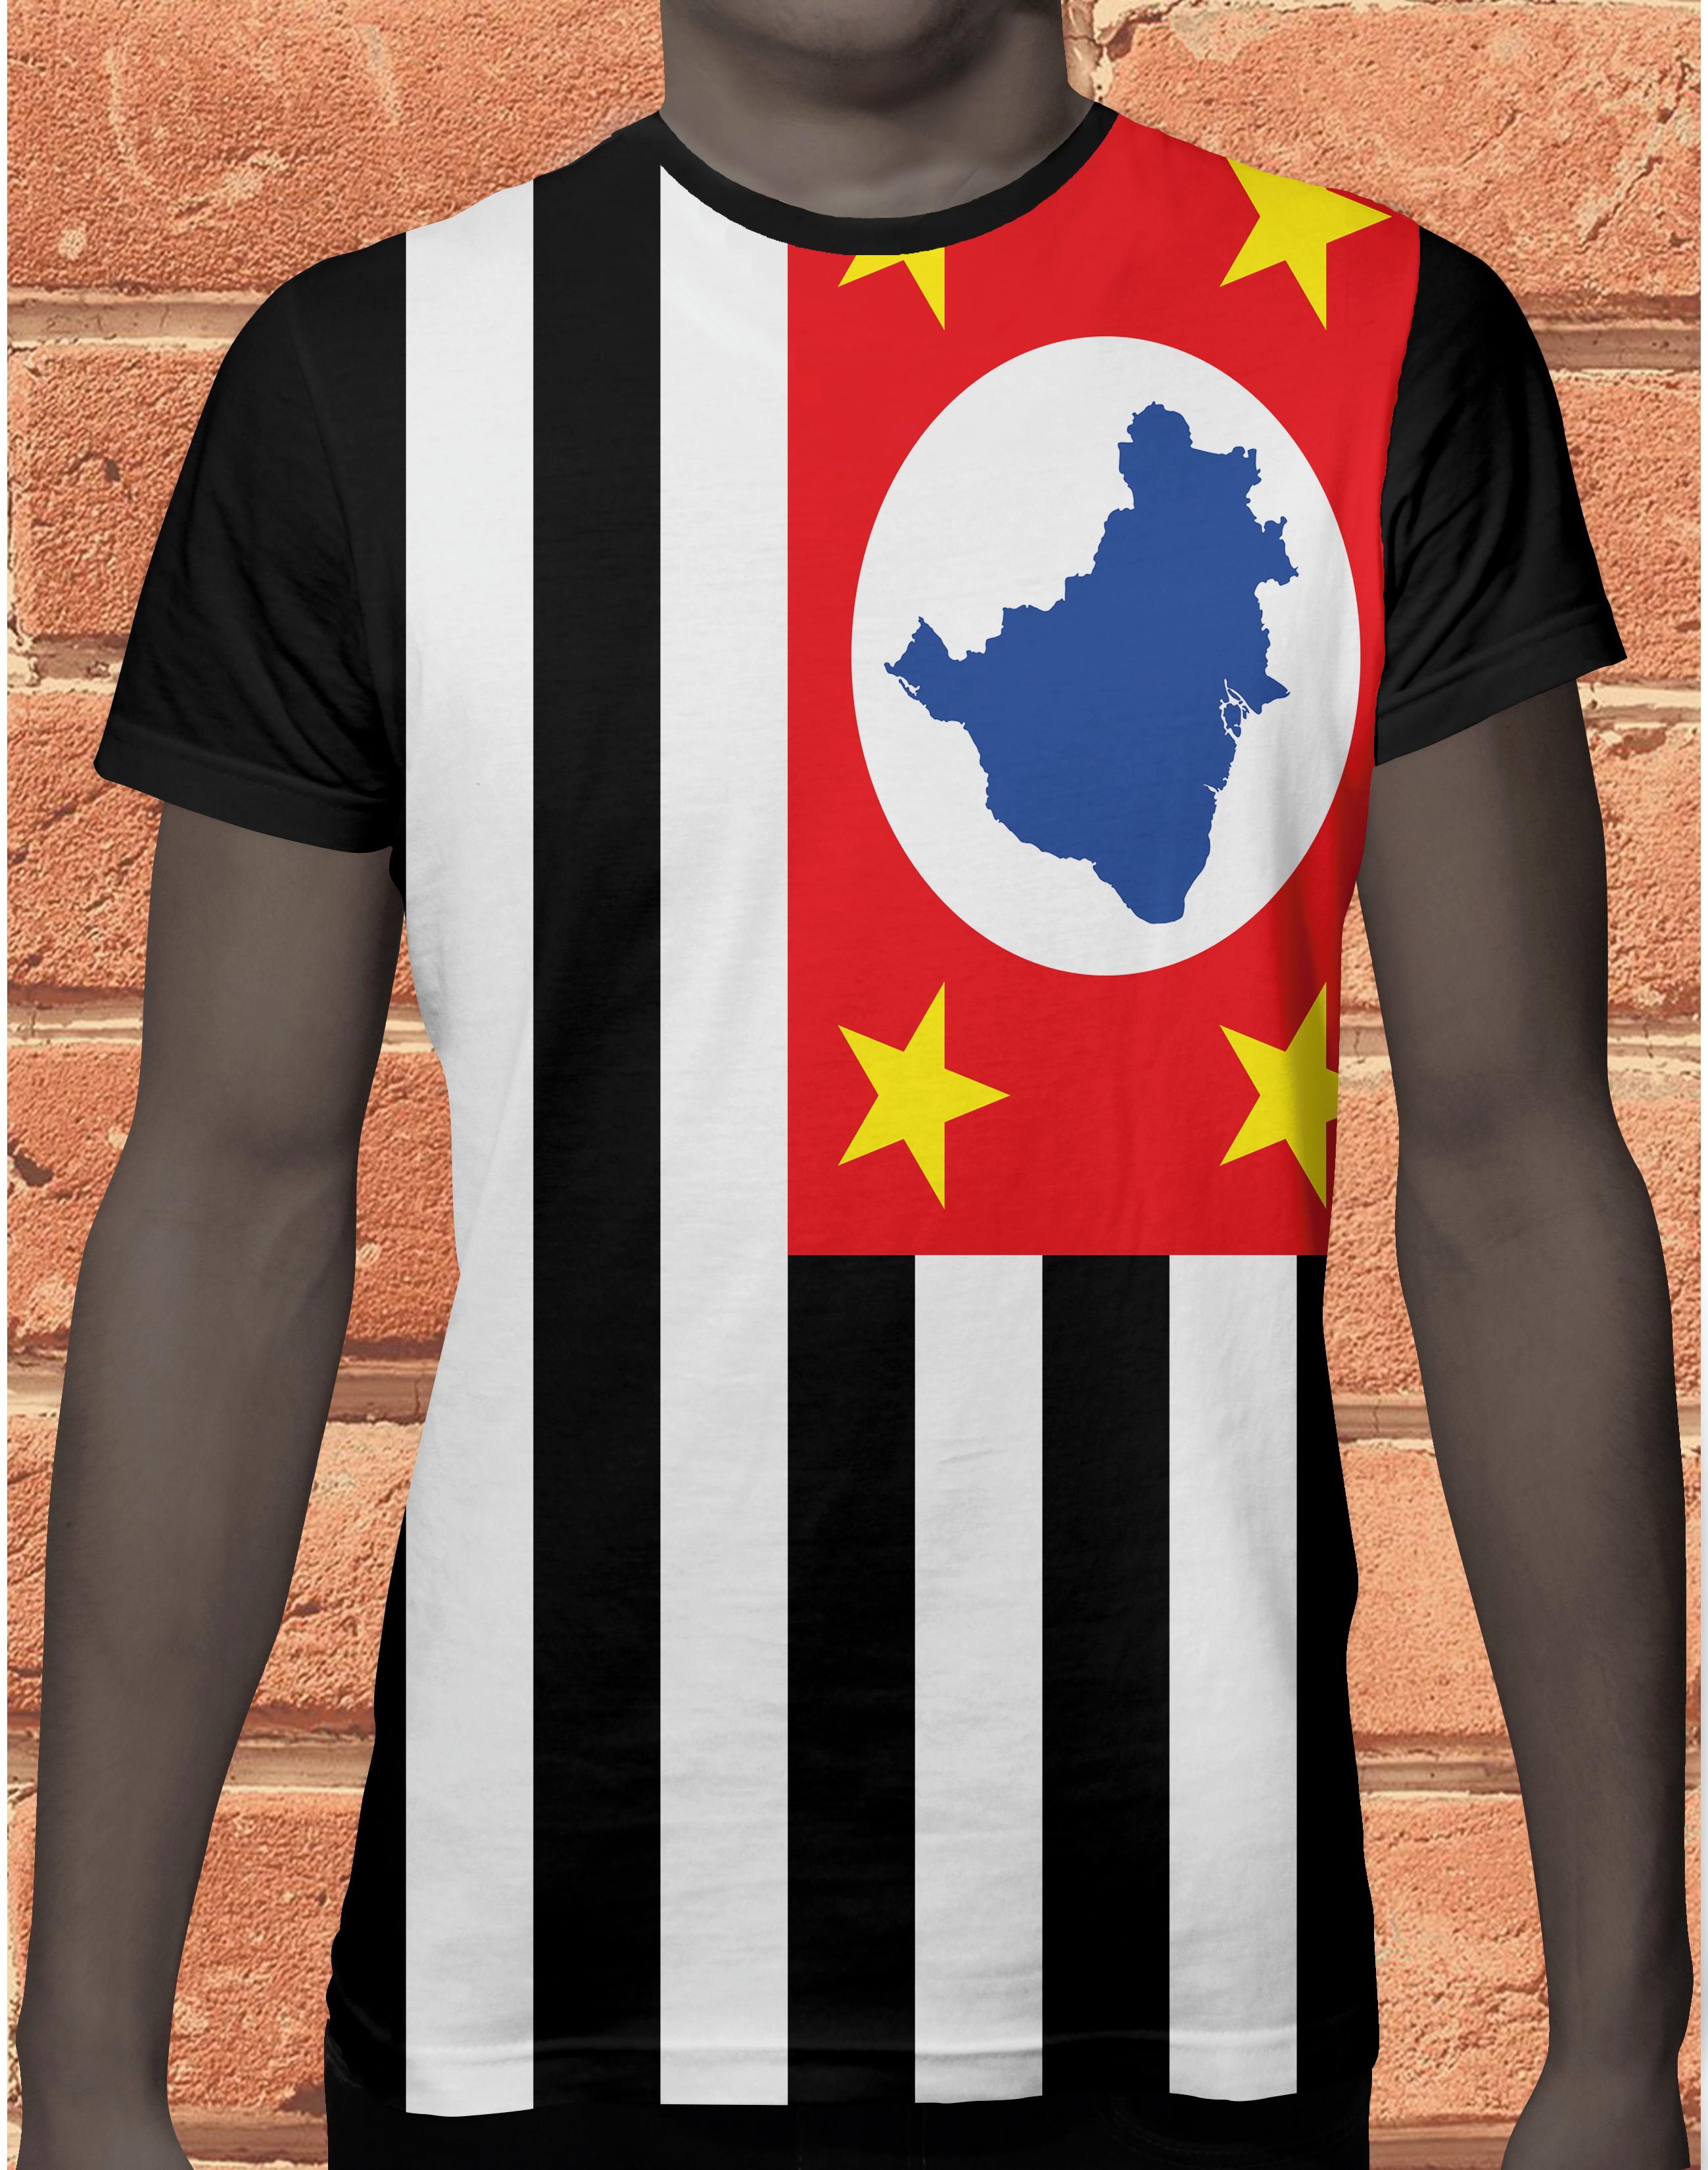 Camisa Feminina Bandeira do Brasil  659d22a85c22c